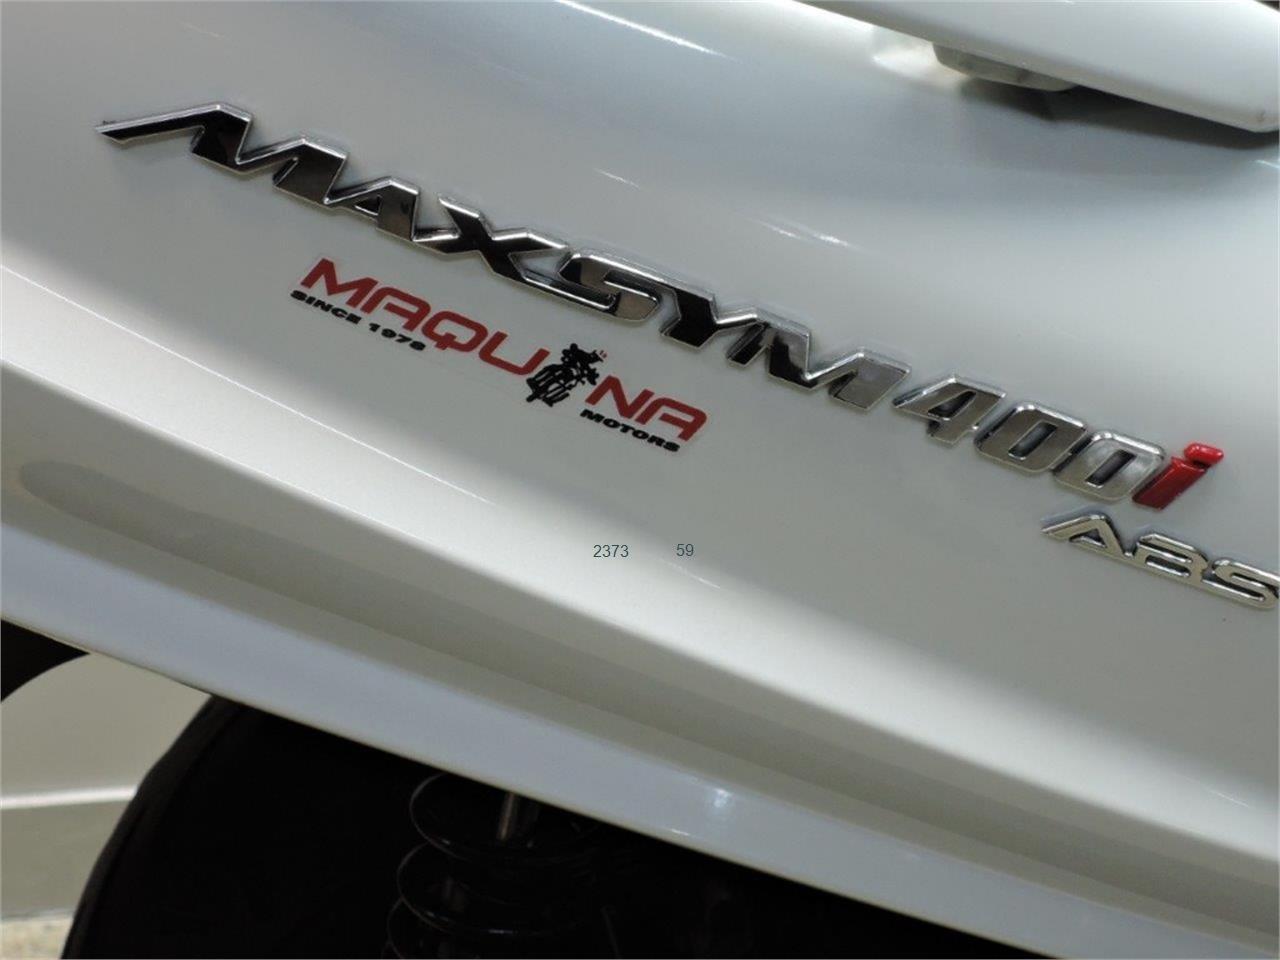 SYM MAXSYM 400i ABS_4 de venta en Barcelona